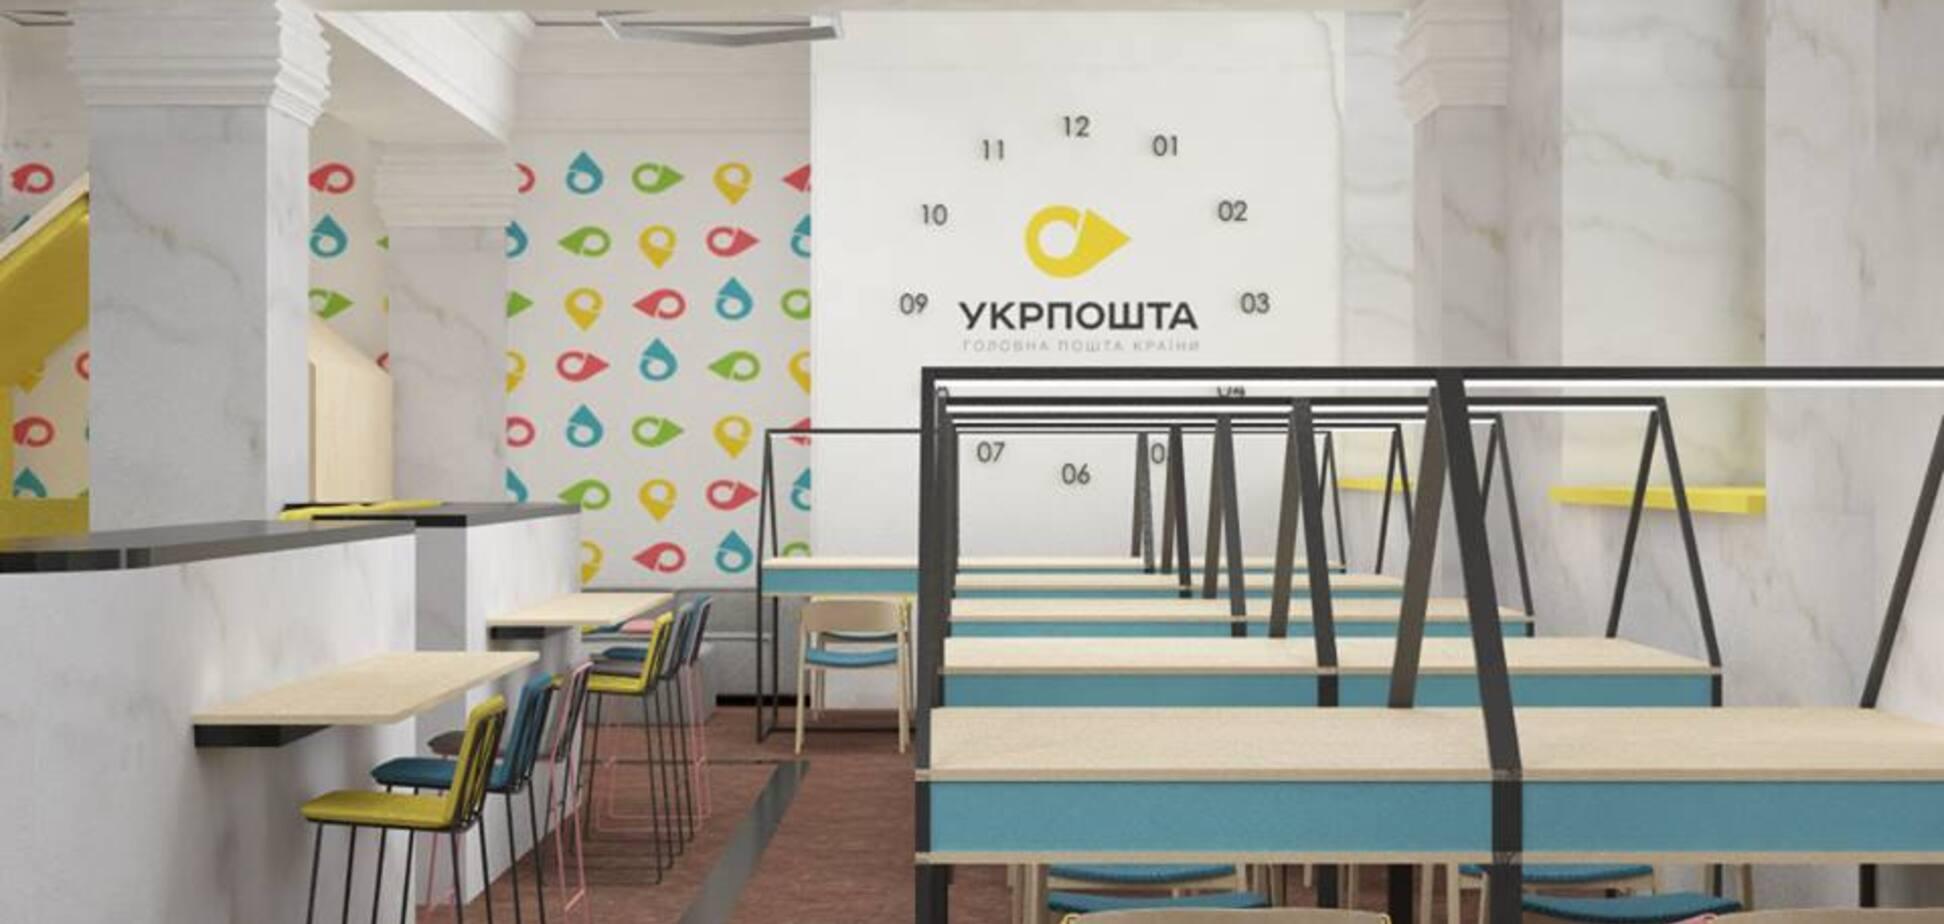 'Укрпочта' открывает 'Арт-хаб' в Киеве